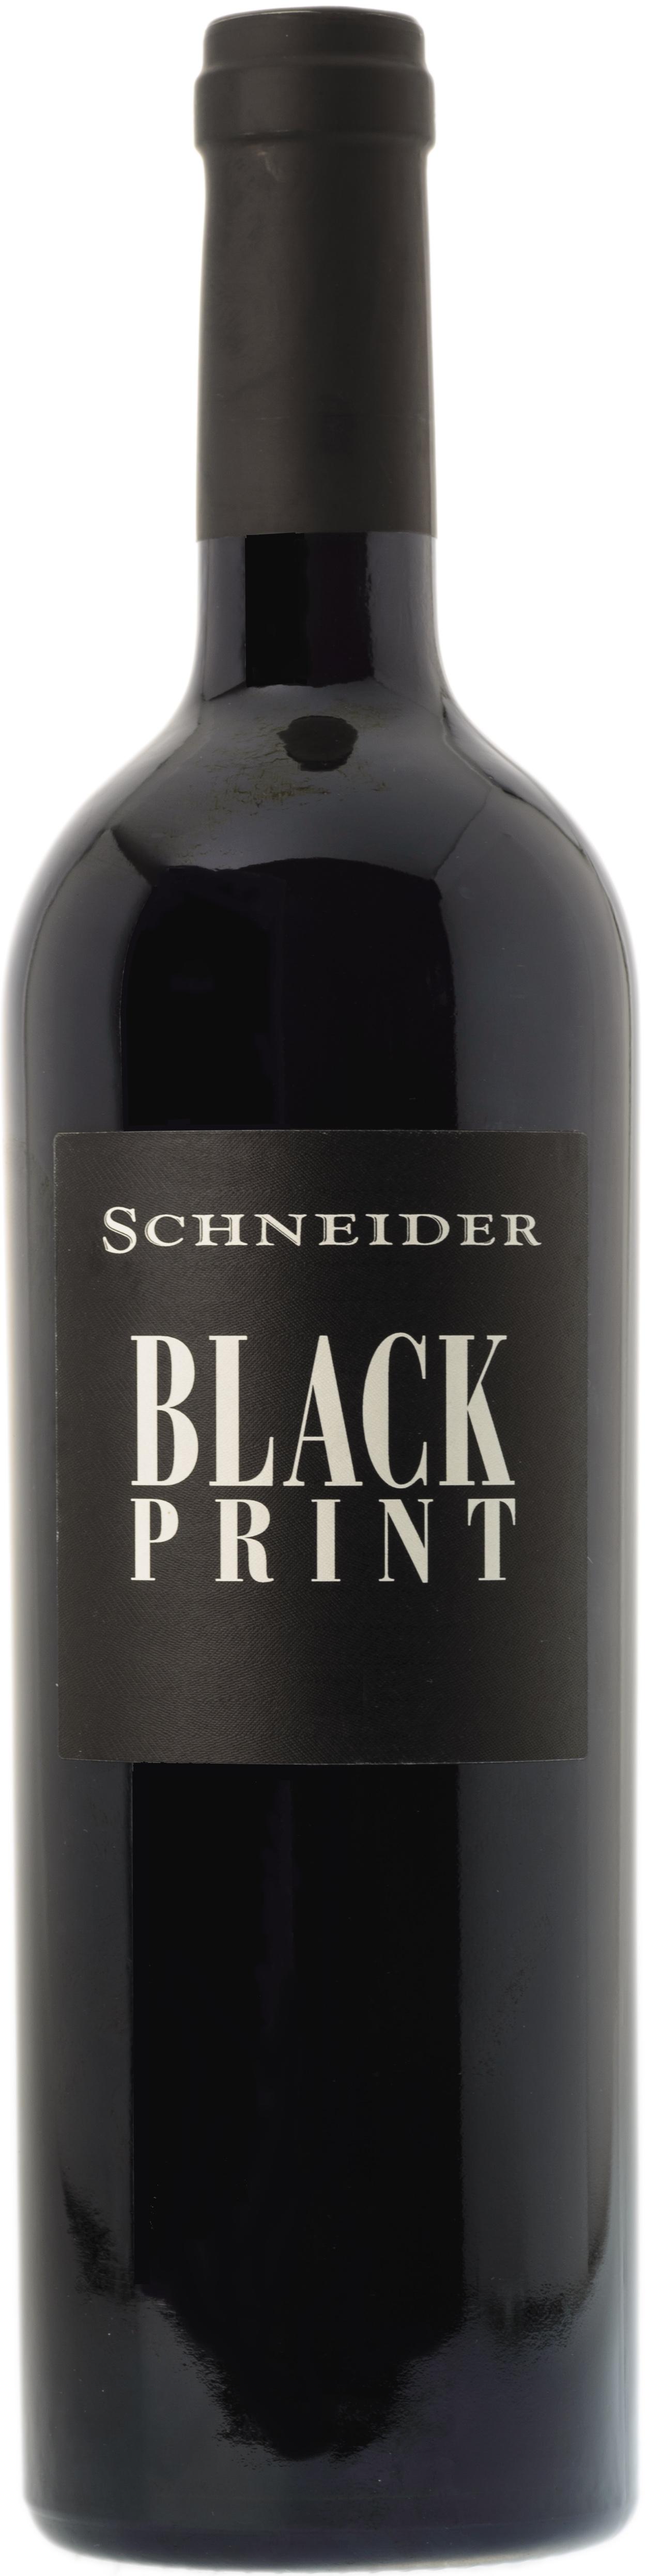 markus schneider 2016 black print wein direktimport scholz. Black Bedroom Furniture Sets. Home Design Ideas